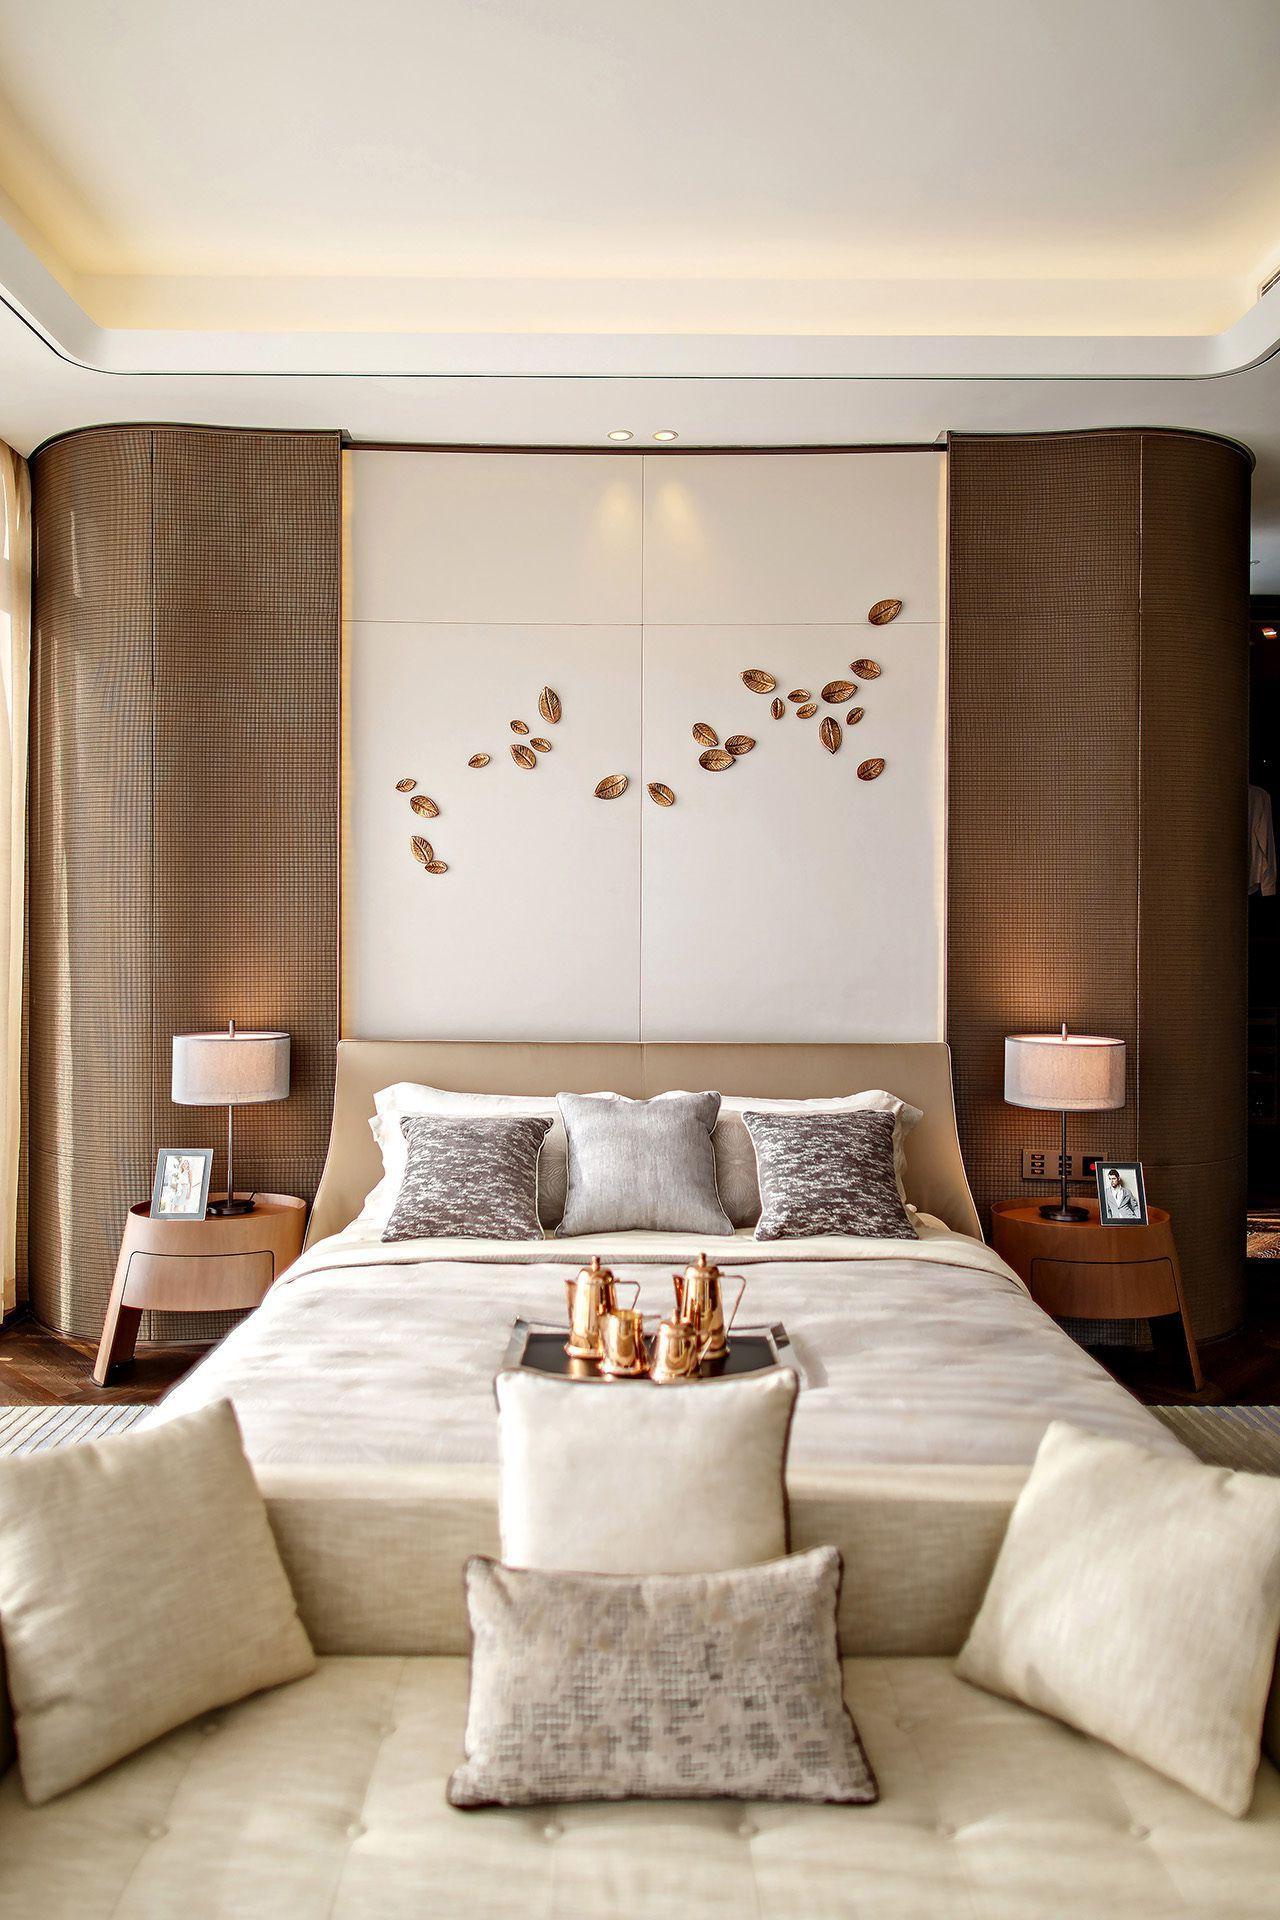 Bedroom Interior Design Trends for 2018 in 2020 Luxury